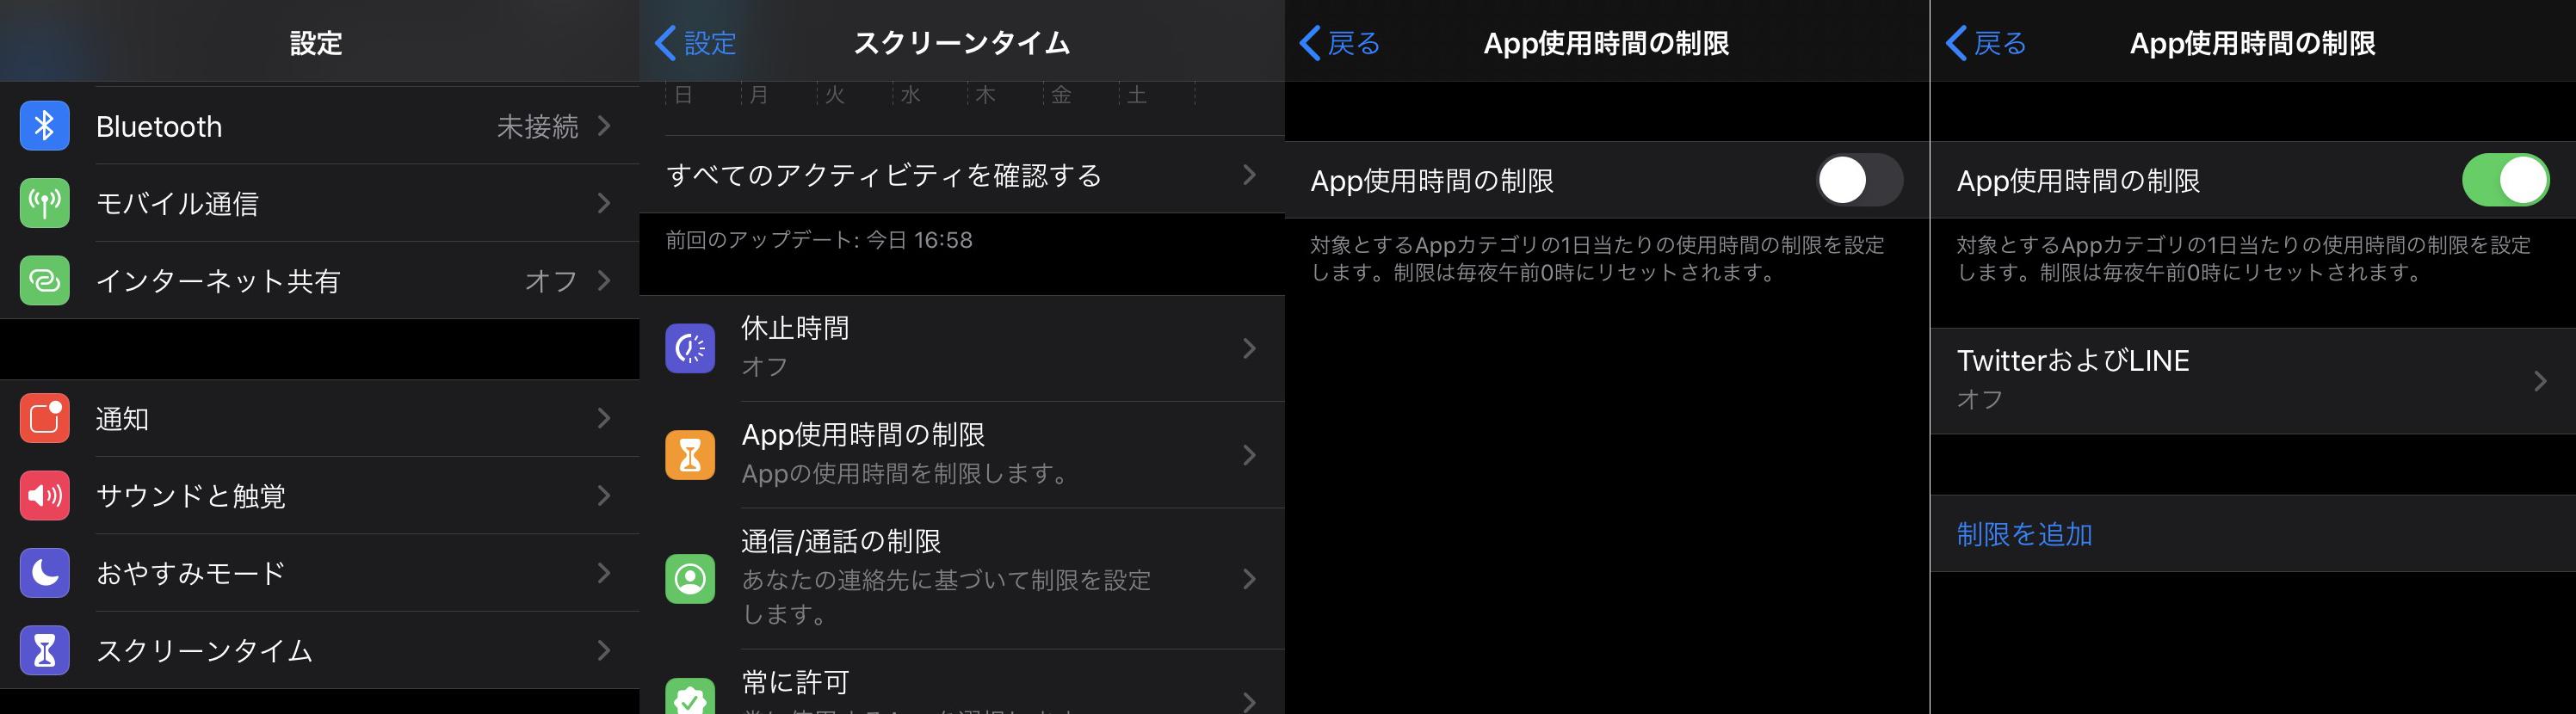 アプリ時間の制限